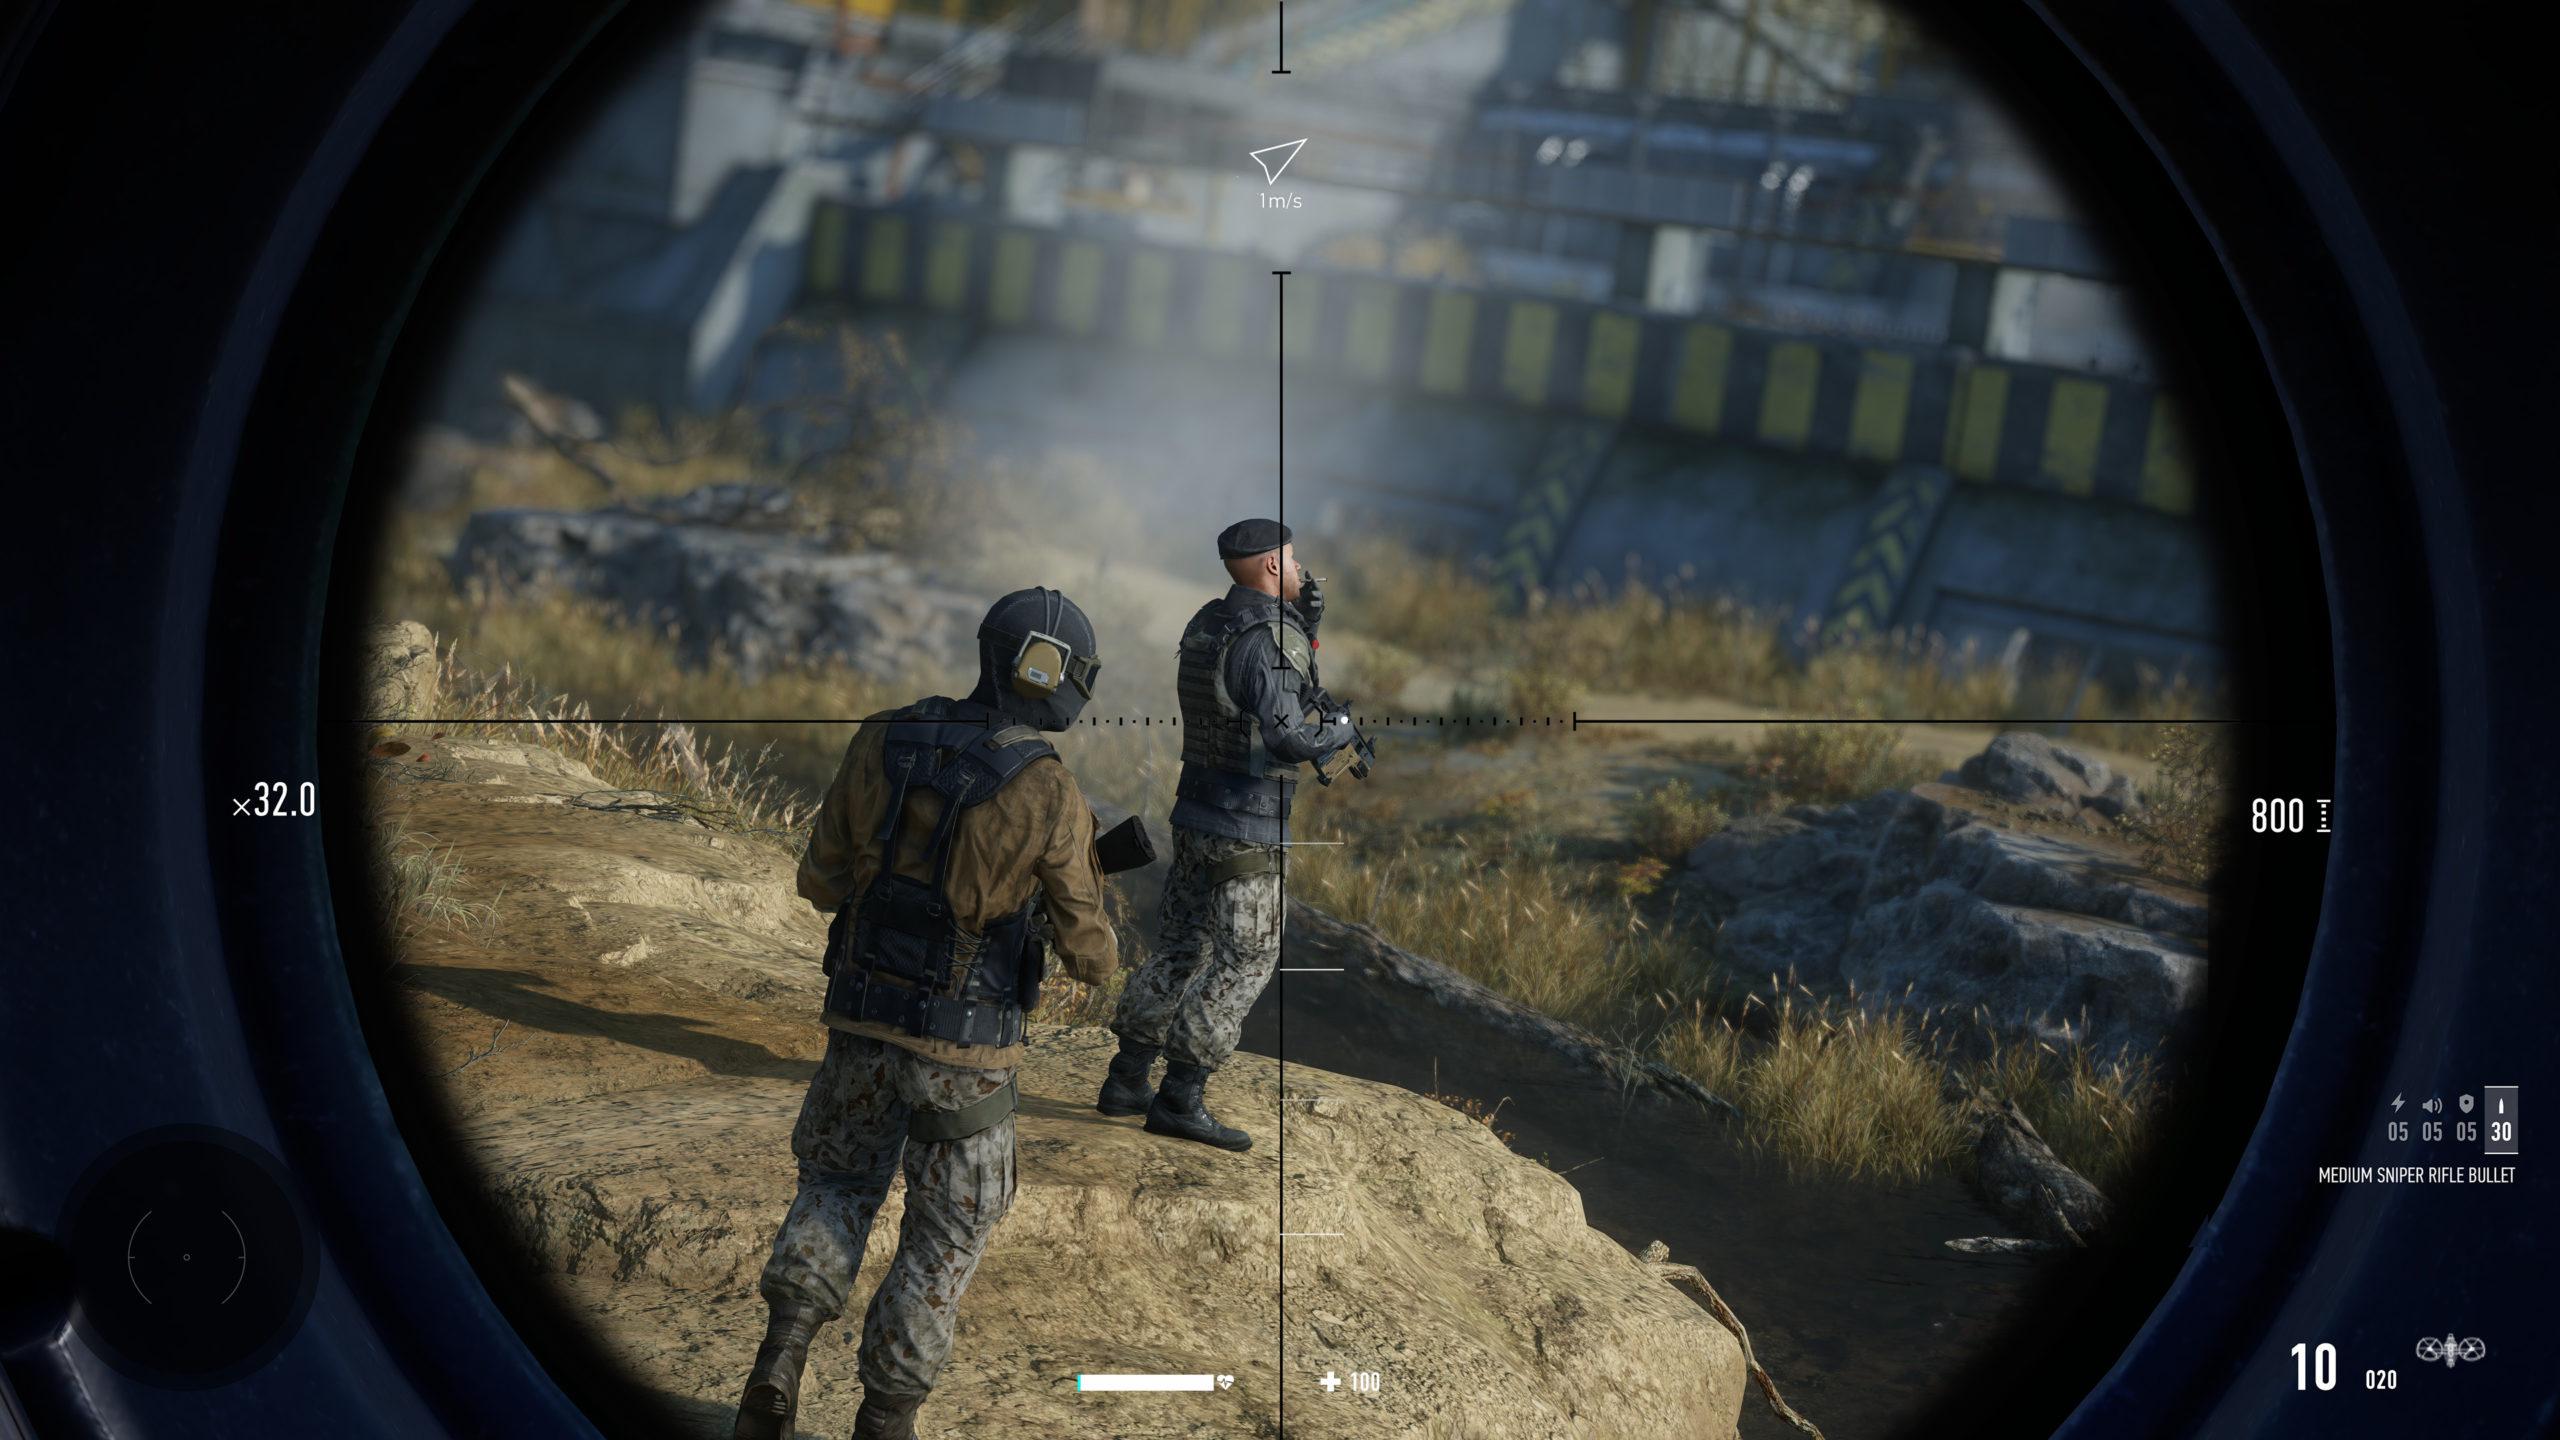 Přehlídka hratelnosti Sniper Ghost Warrior Contracts 2 1 10 scaled